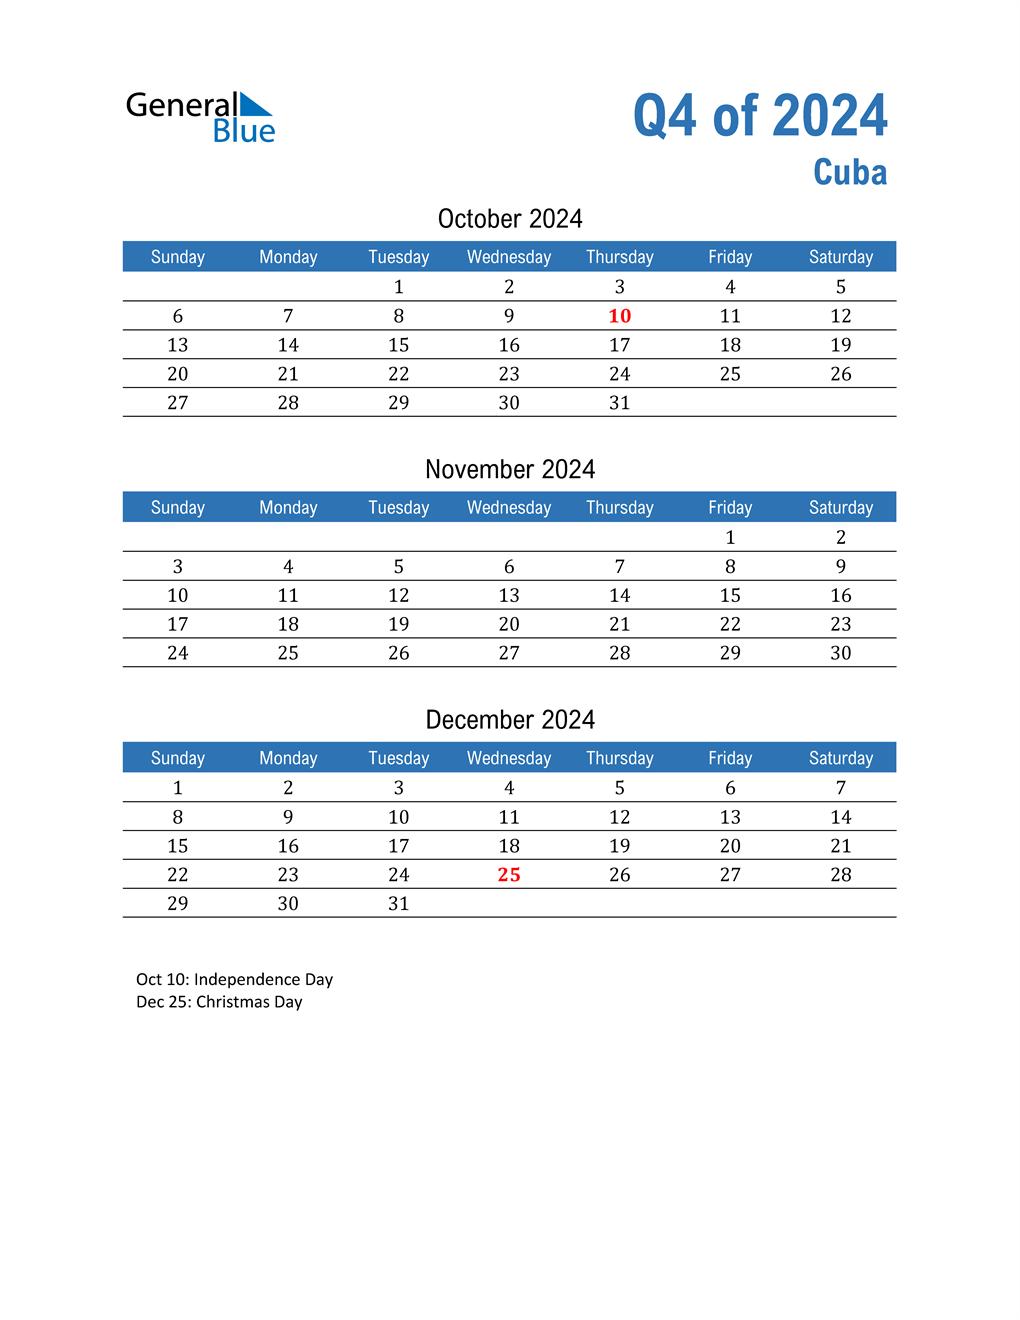 Cuba 2024 Quarterly Calendar